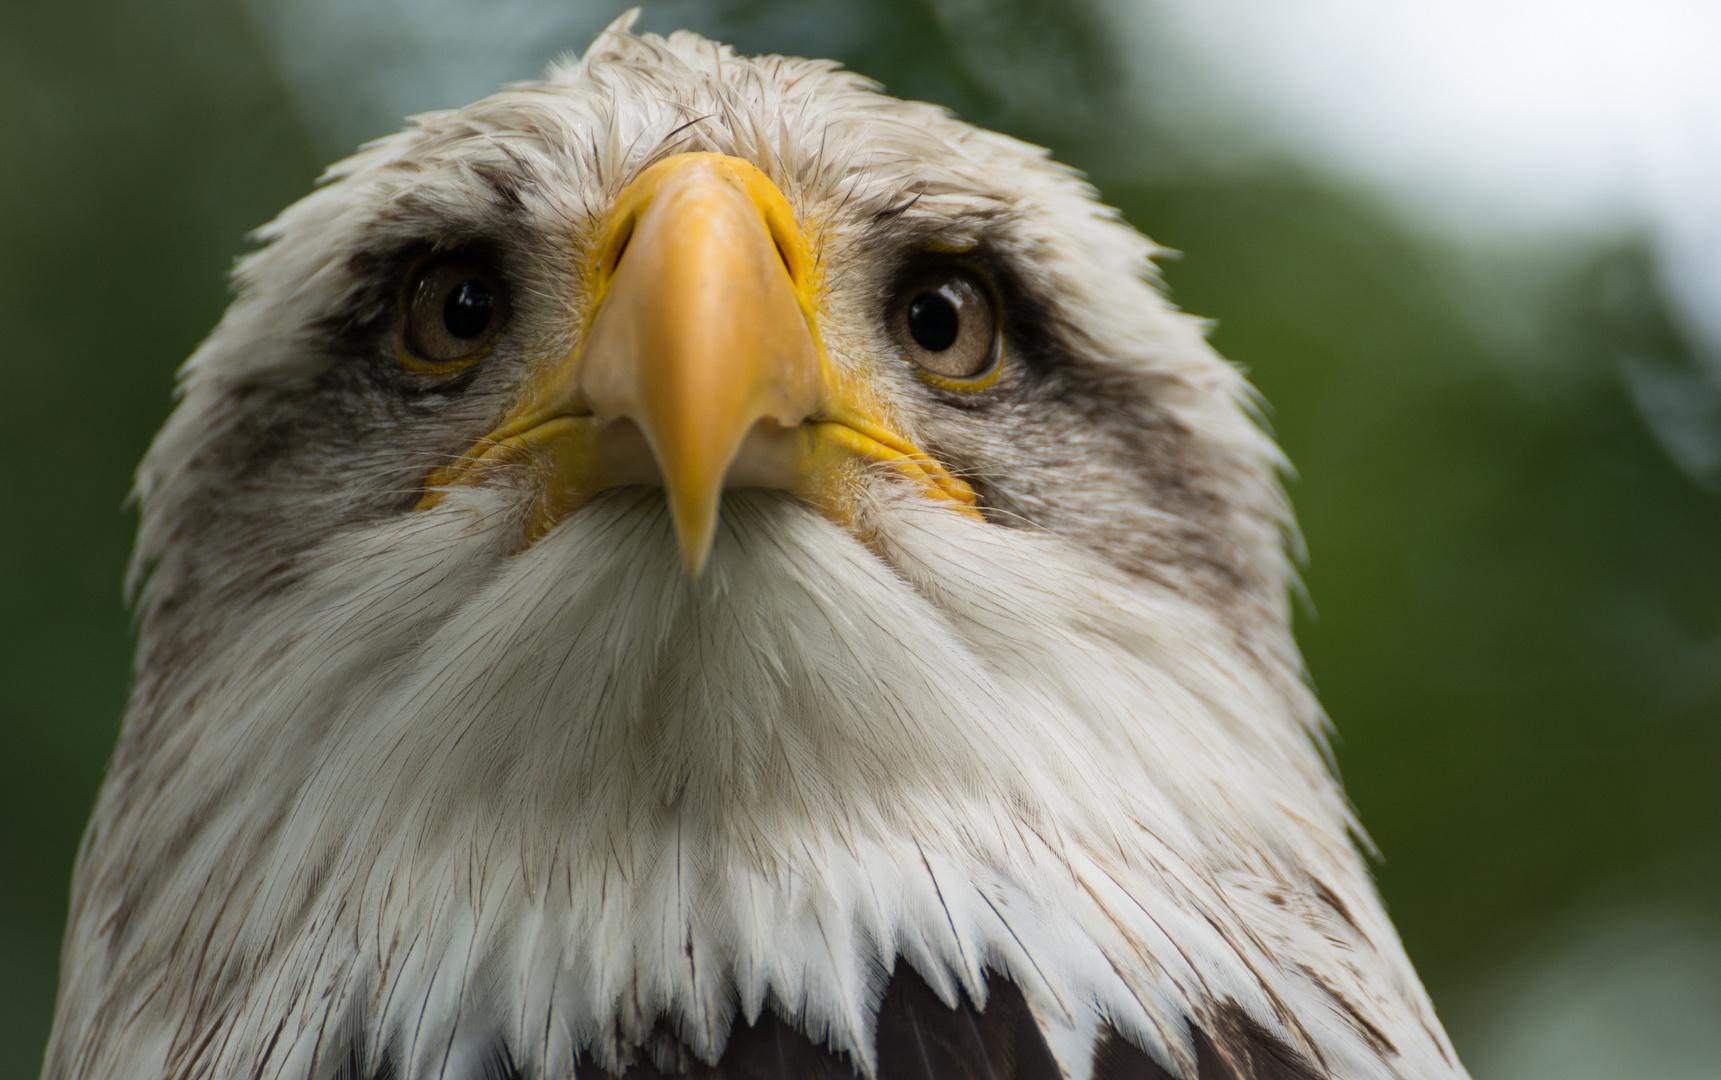 Mimik eines Adlers